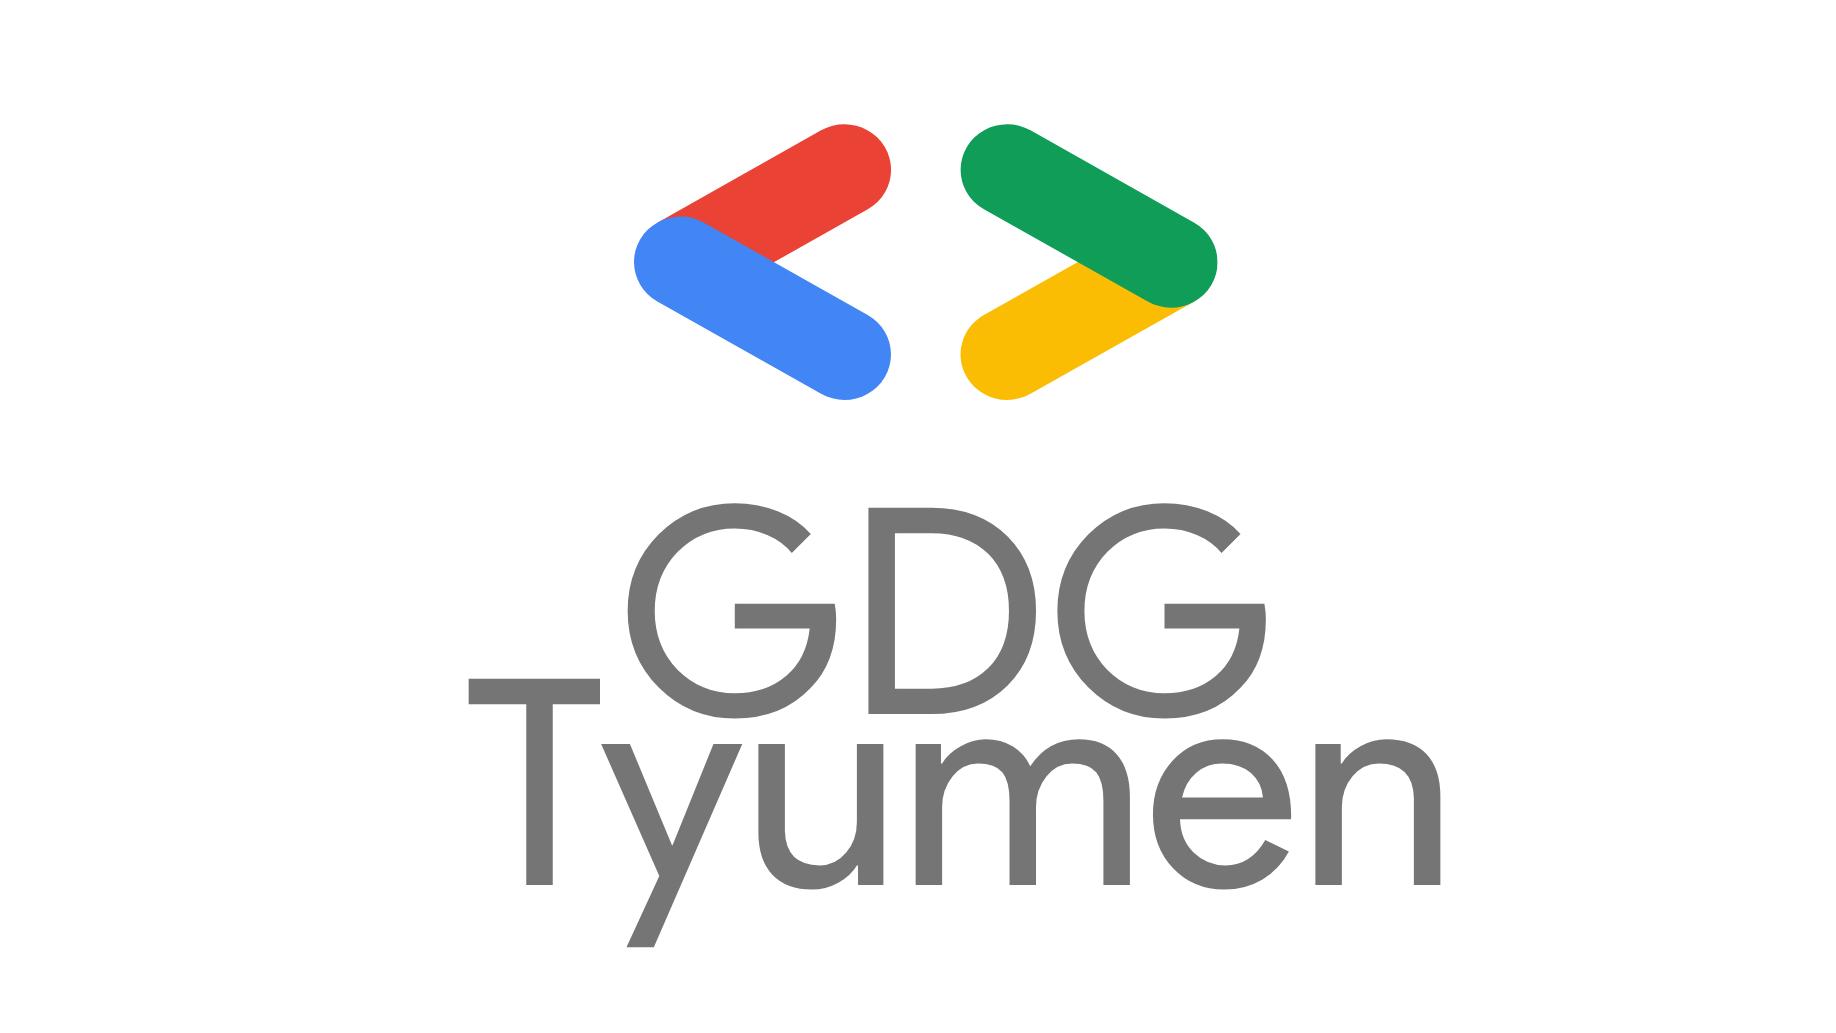 GDG Tyumen